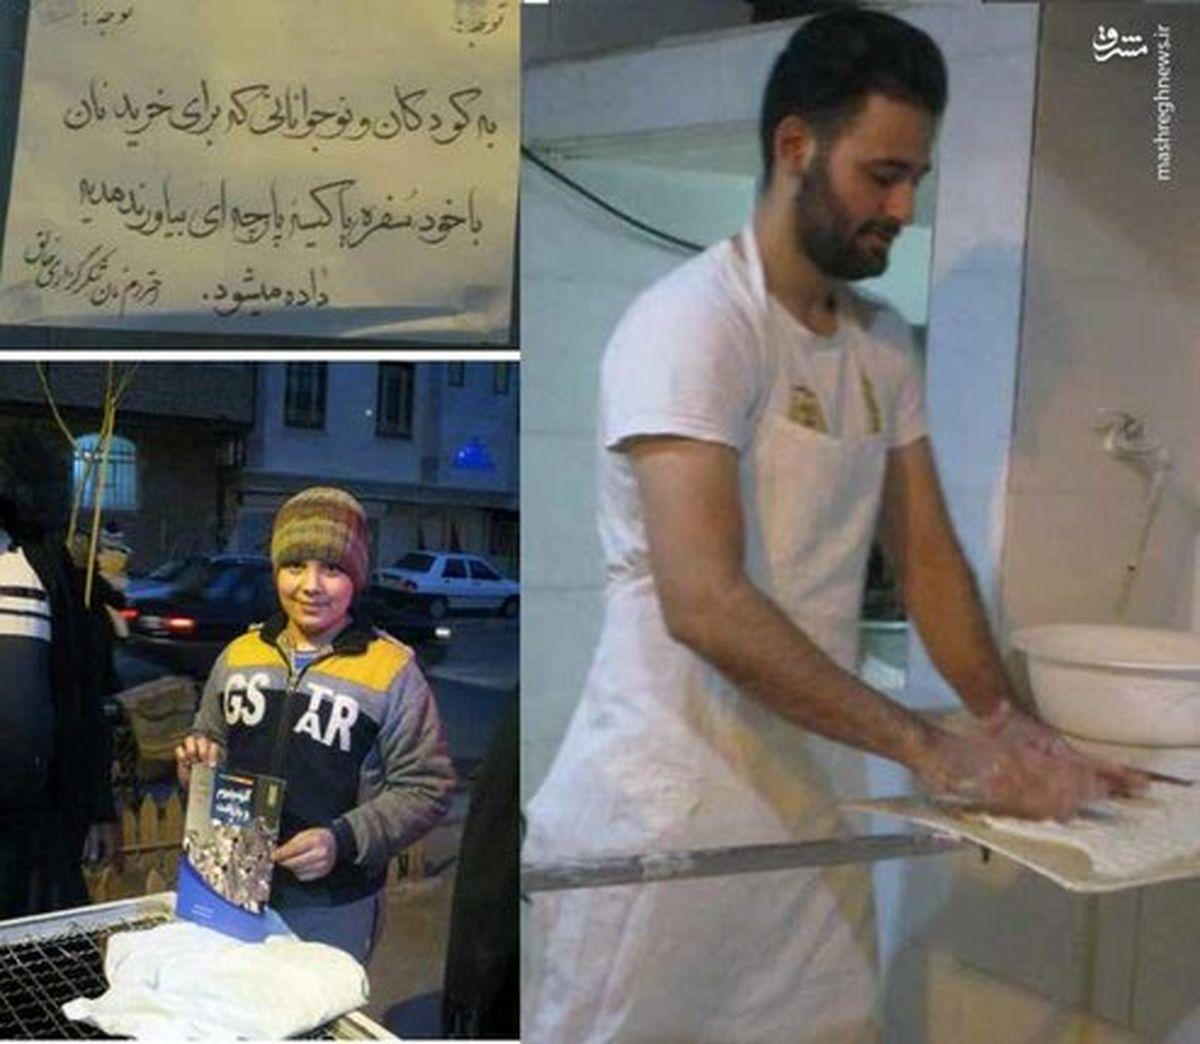 نانوایی که به کودکان هدیه میدهد! +عکس